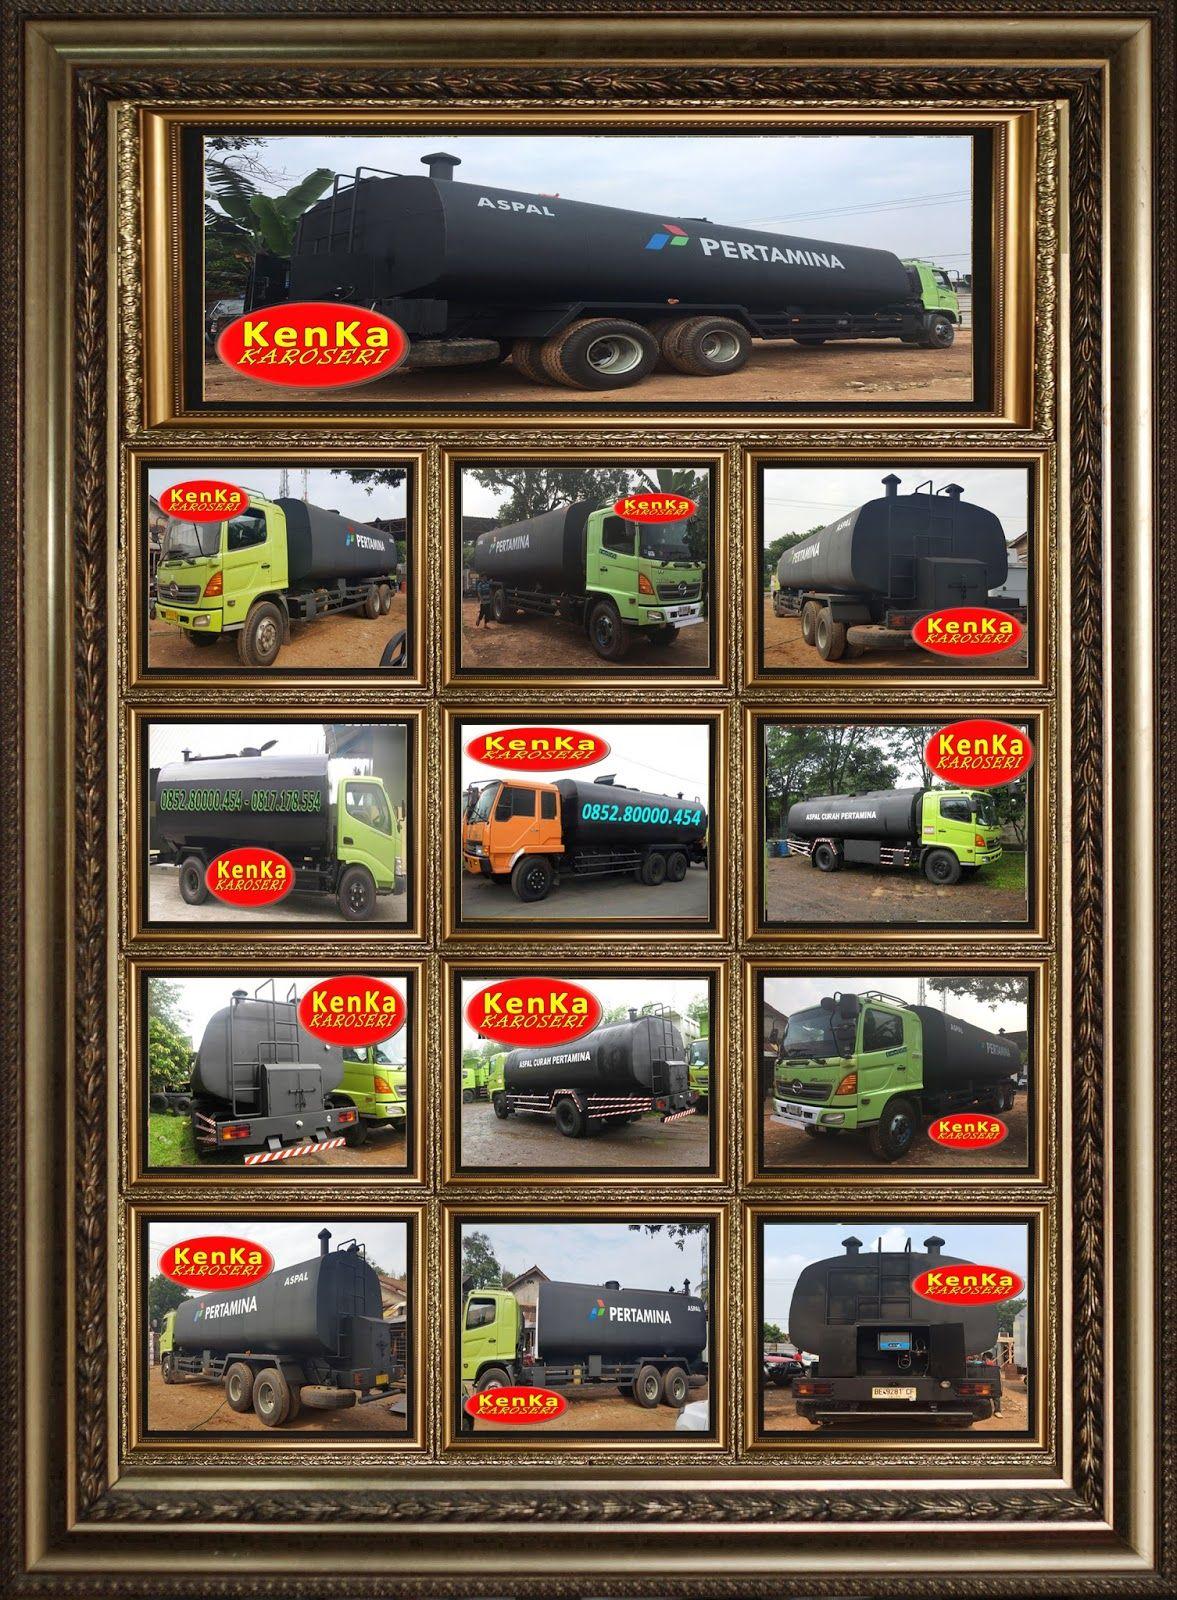 Info Harga Pembuatan Karoseri Truck Amp Mobil Box Pendingin Tangki Self Loader Trailer Mixer Towing Motor Carrier Mobil Toko Mobil Truk Mobil Derek